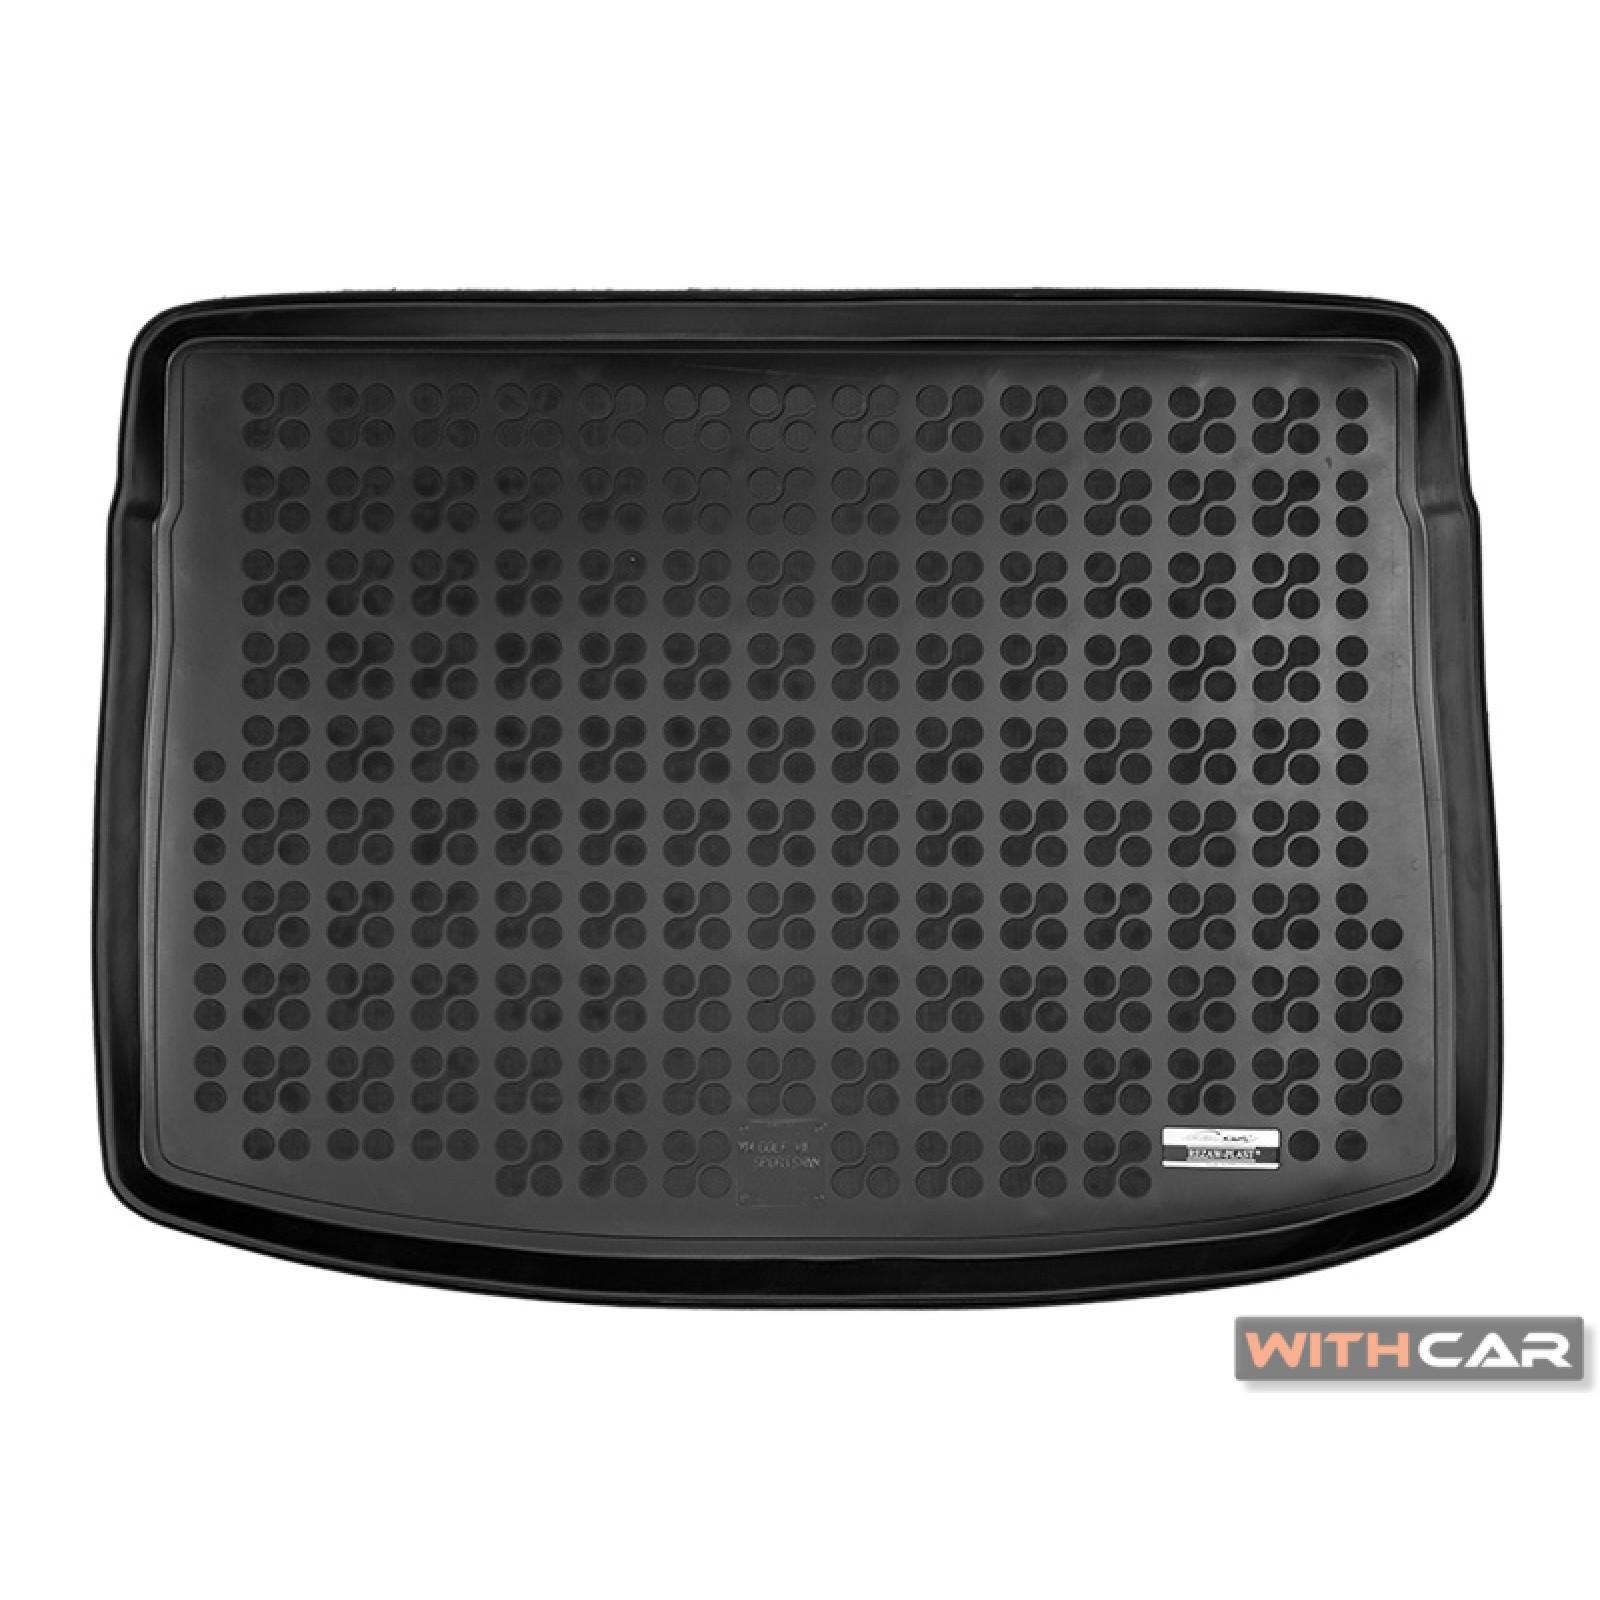 bac de coffre pour volkswagen golf 7 sportsvan sol inf rieur. Black Bedroom Furniture Sets. Home Design Ideas